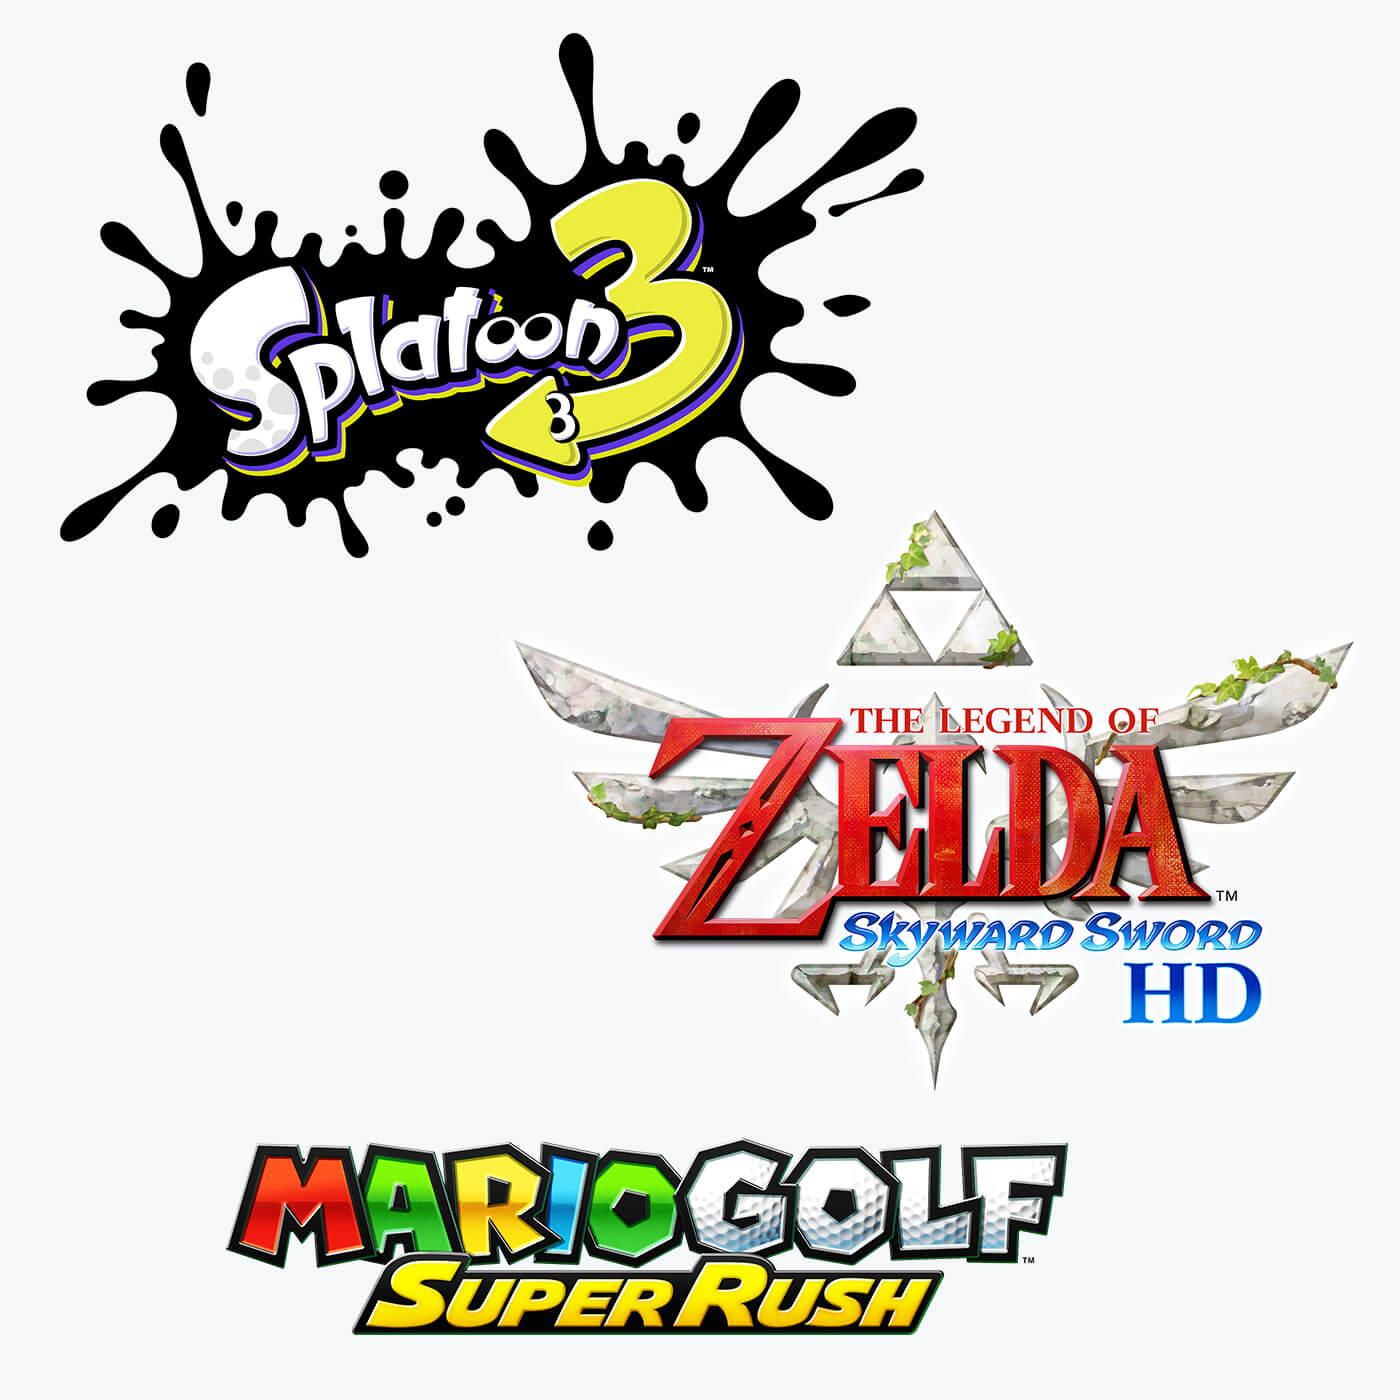 Splatoon 3  |  The Legend of Zelda: Skyward Sword HD  |  Mario Golf: Super Rush